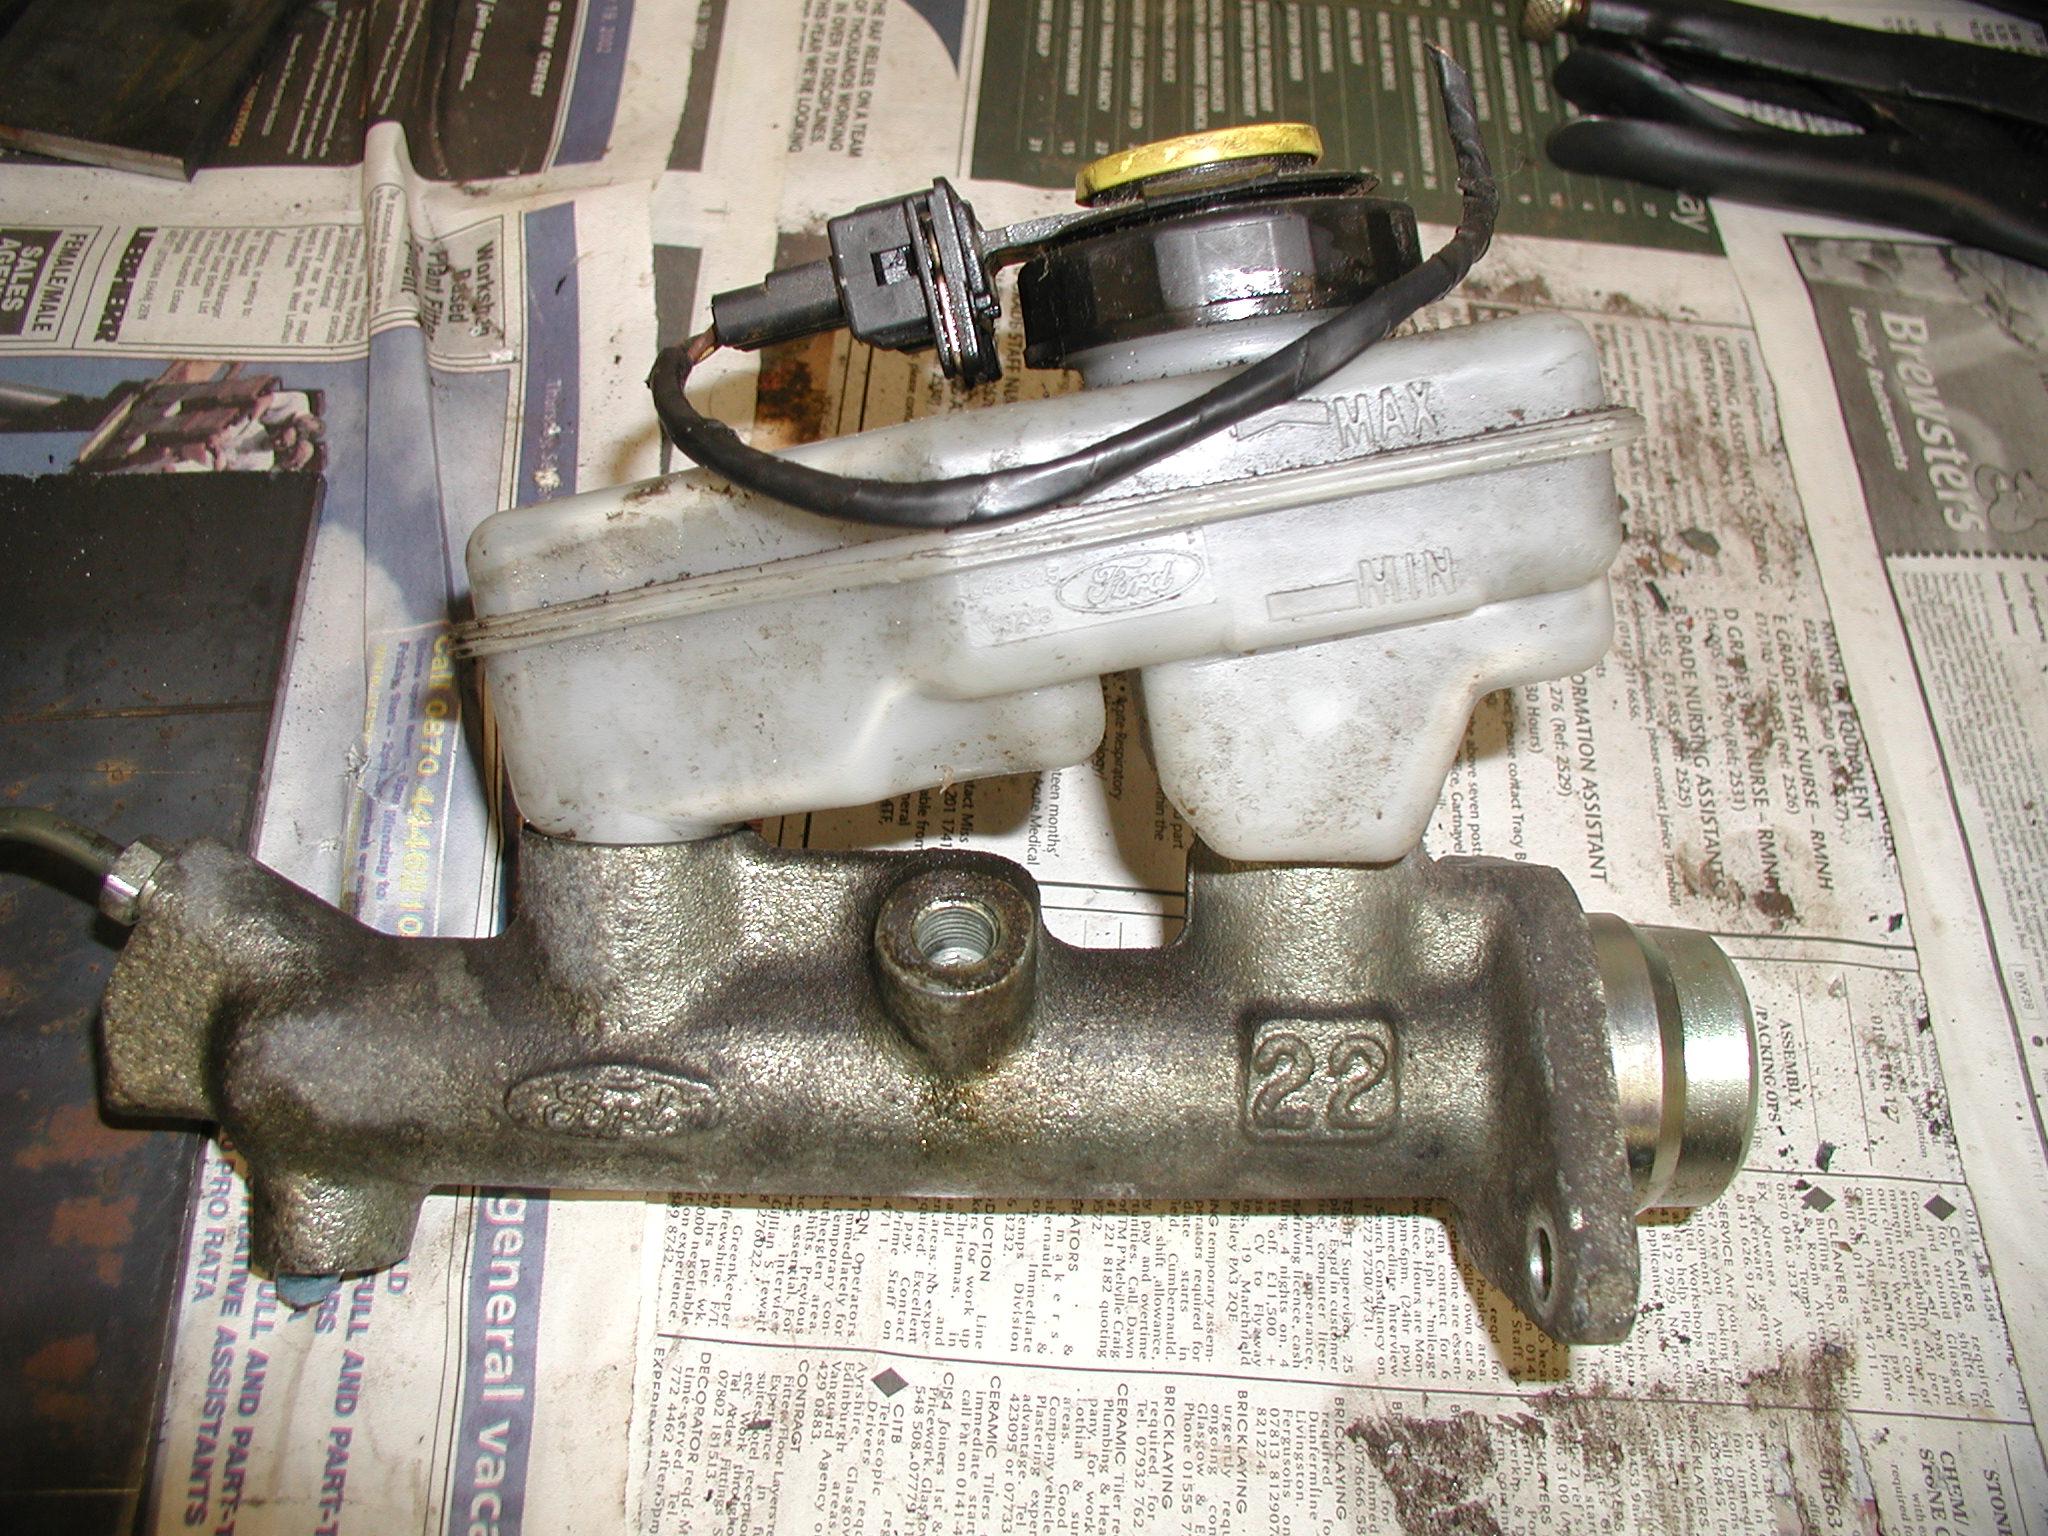 Sierra brake master cylinder